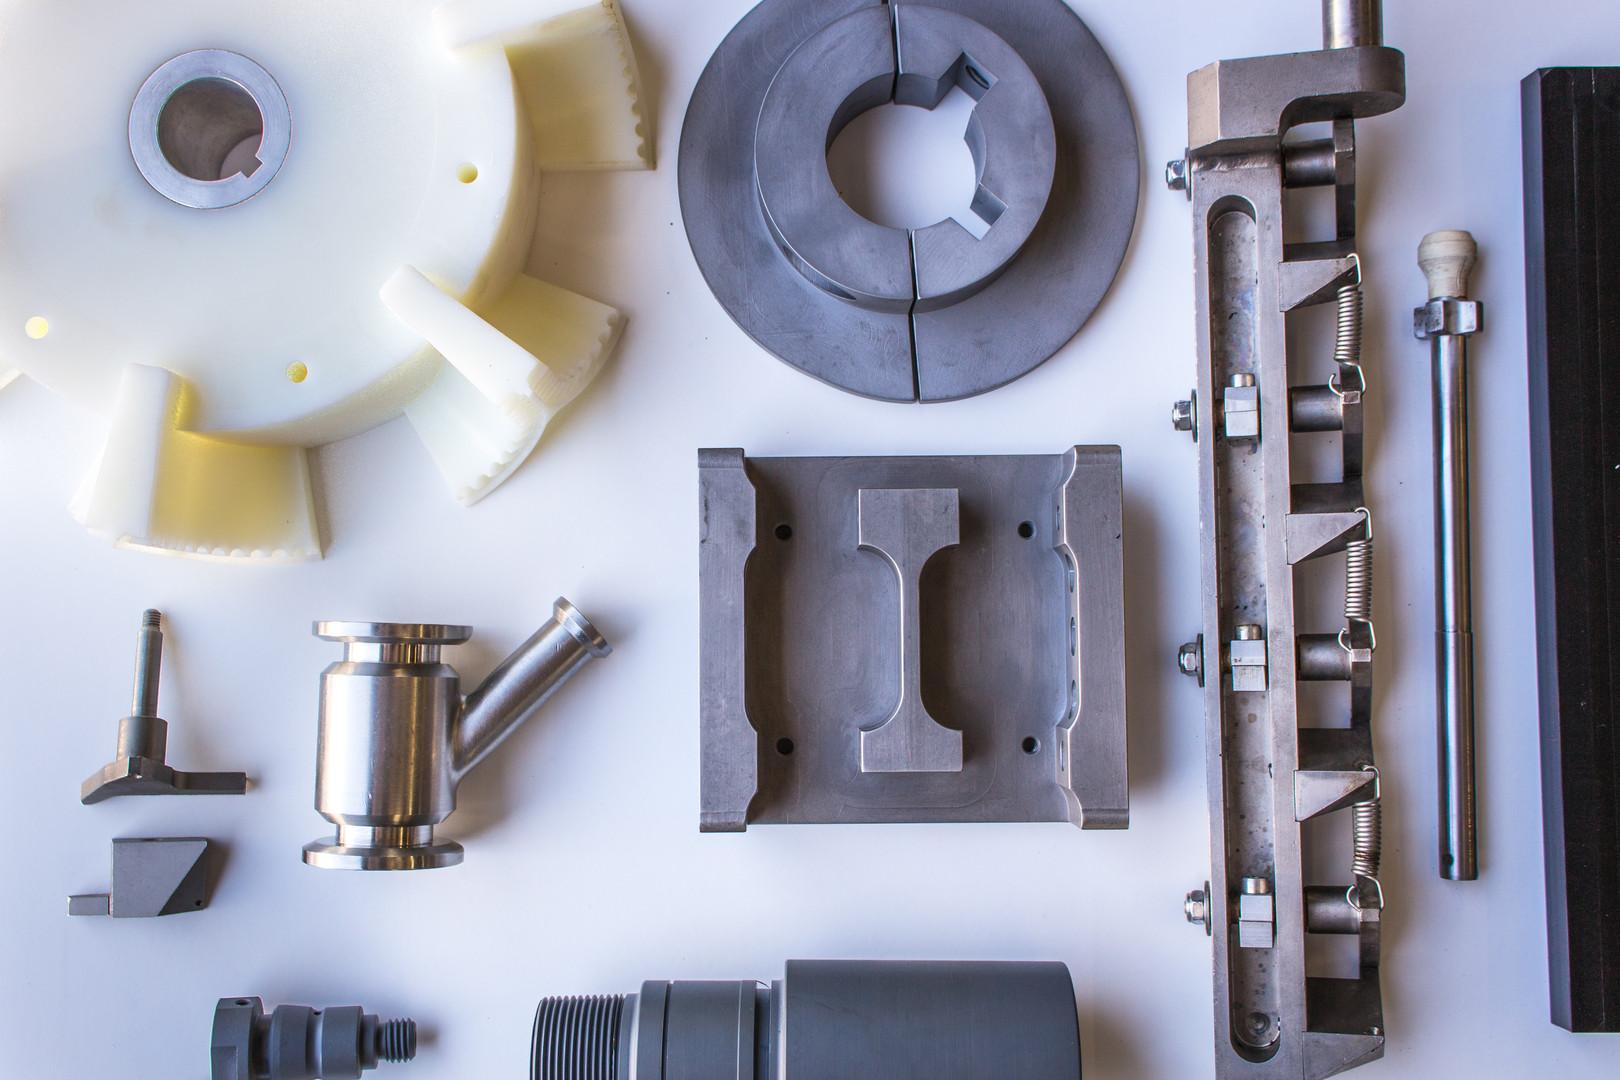 Food & Beverage Machine Parts